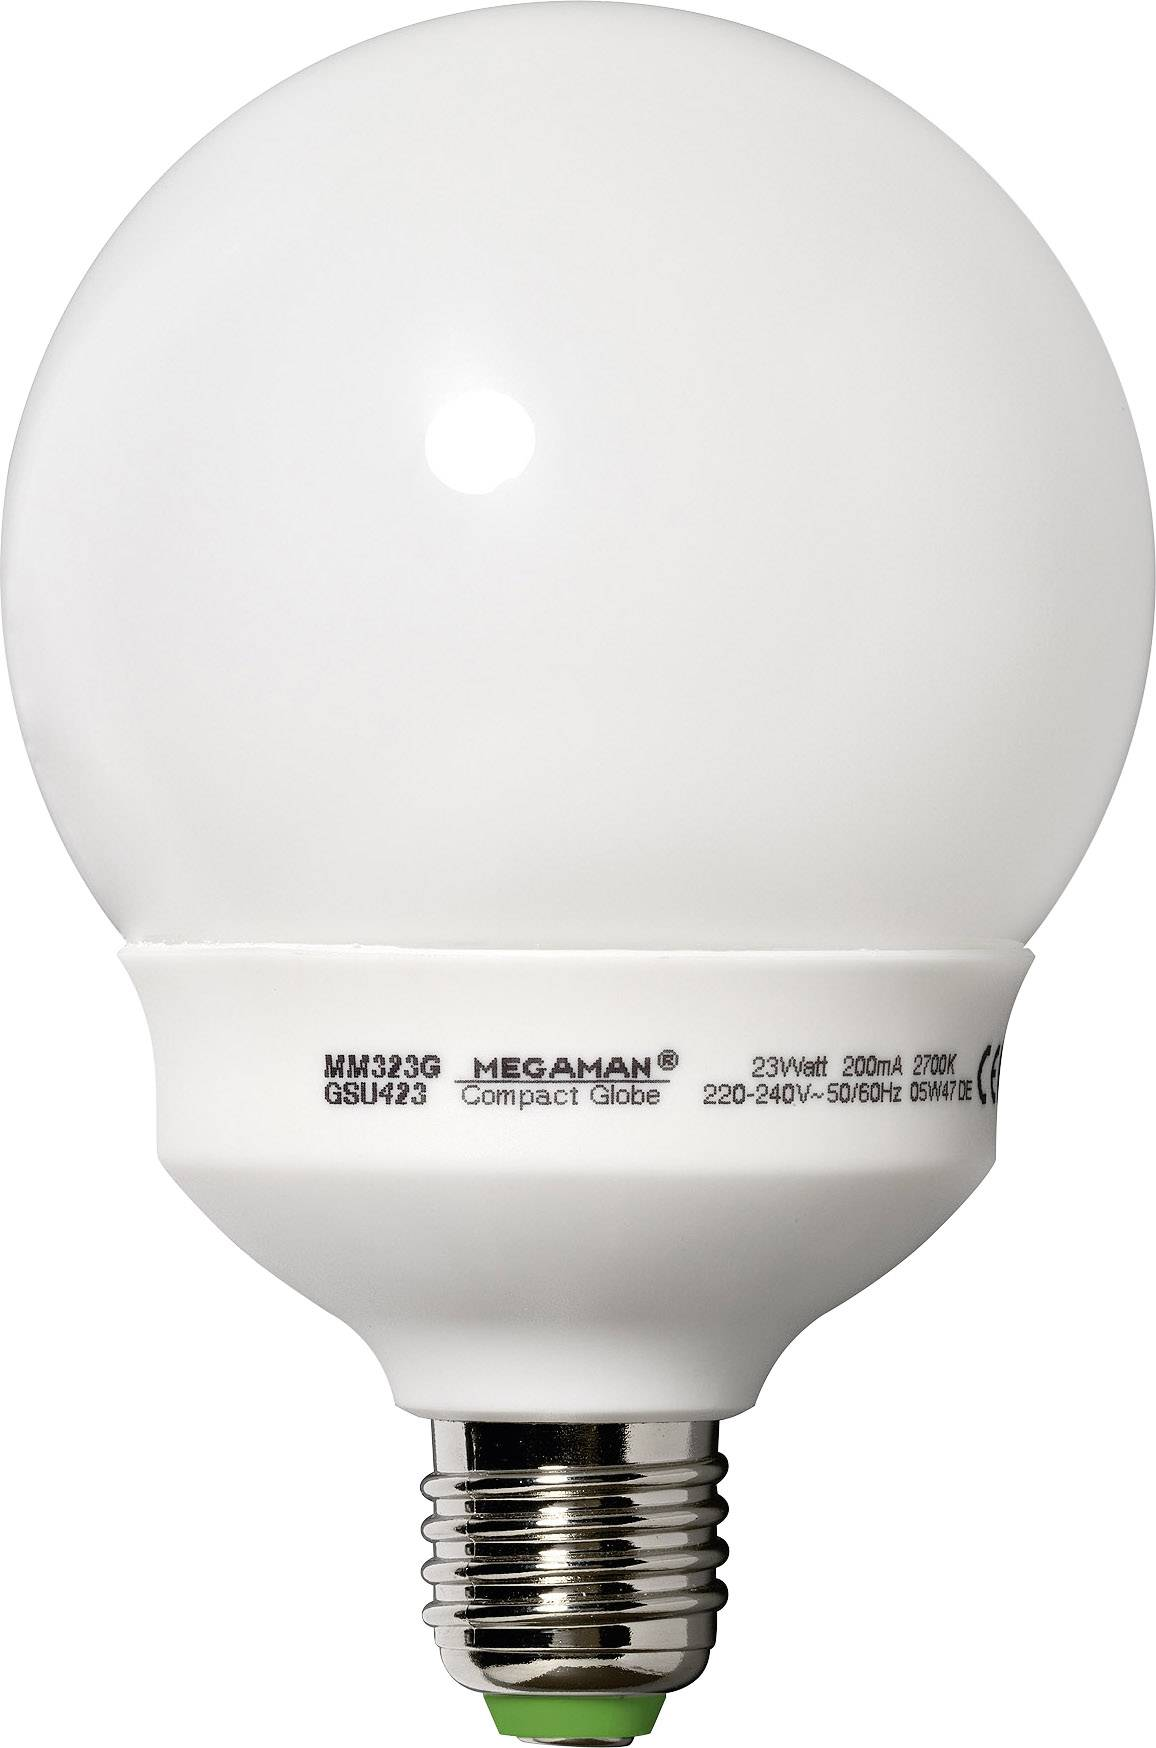 Úsporná žiarovka Megaman Compact Globe, E27, 23 W, guľatá